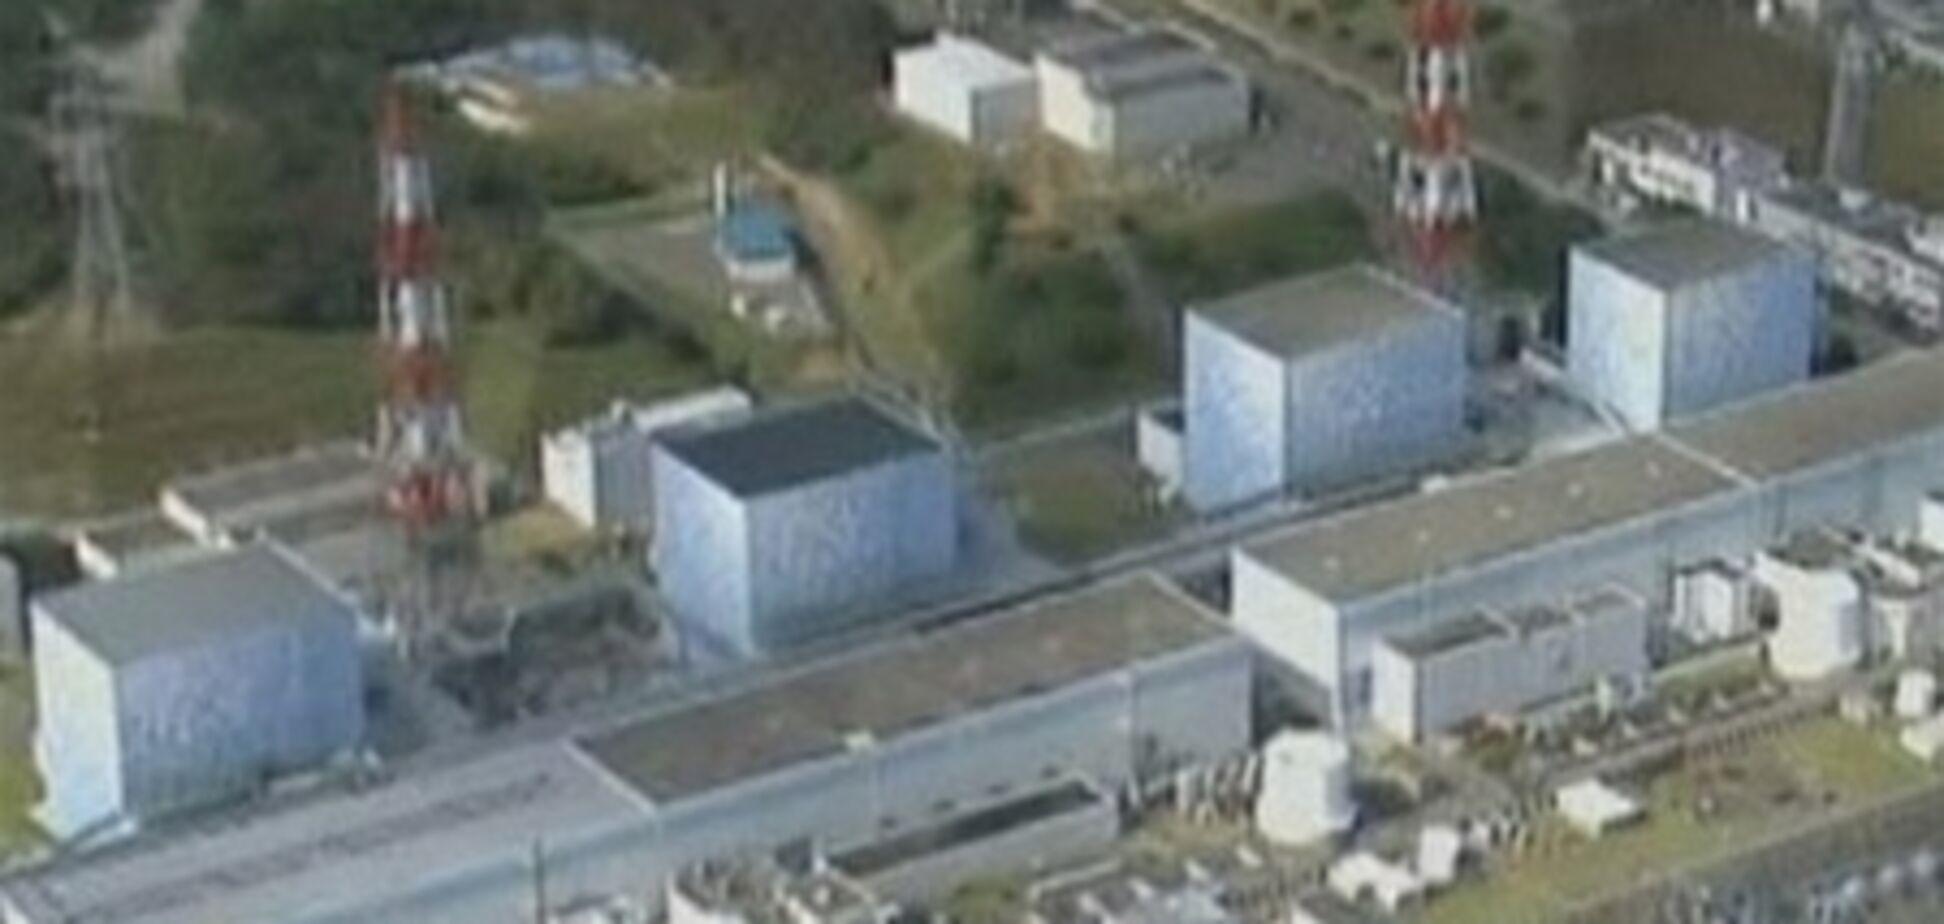 Рівень радіації після вибуху на японській АЕС 'Фукусіма-1' не перевищено